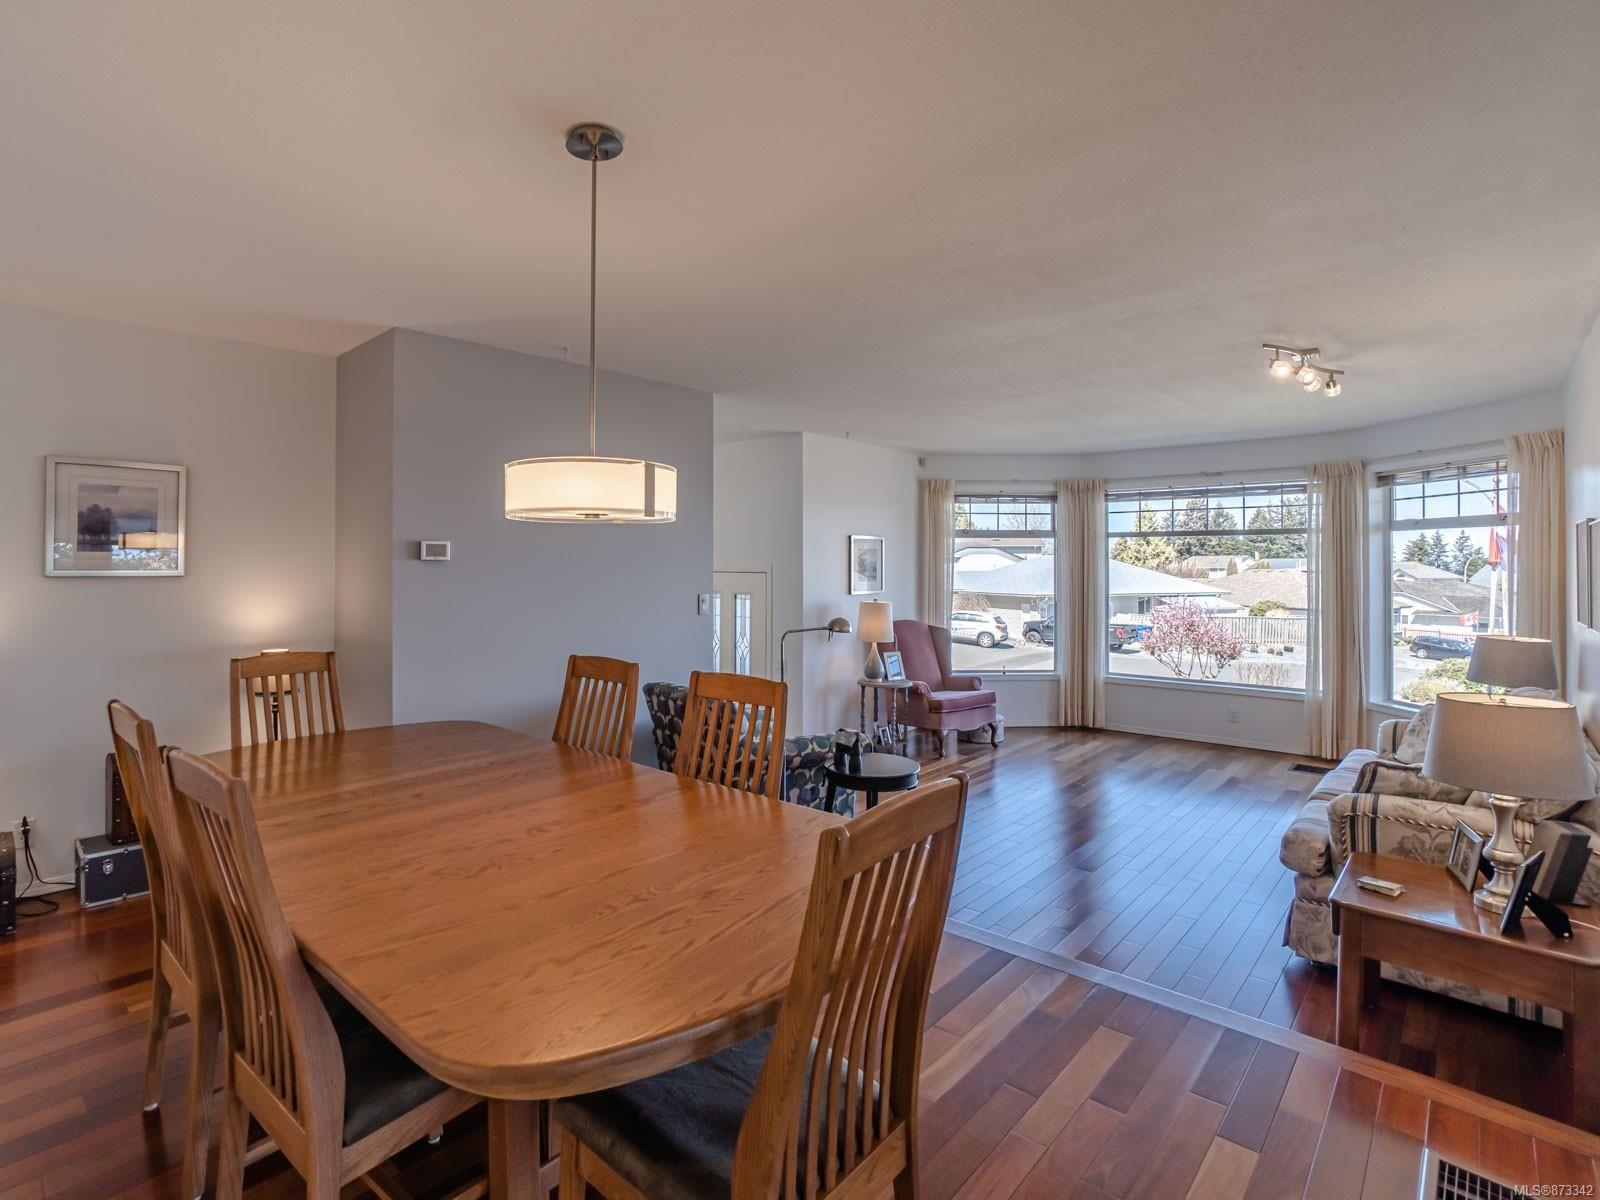 Photo 21: Photos: 5294 Catalina Dr in : Na North Nanaimo House for sale (Nanaimo)  : MLS®# 873342